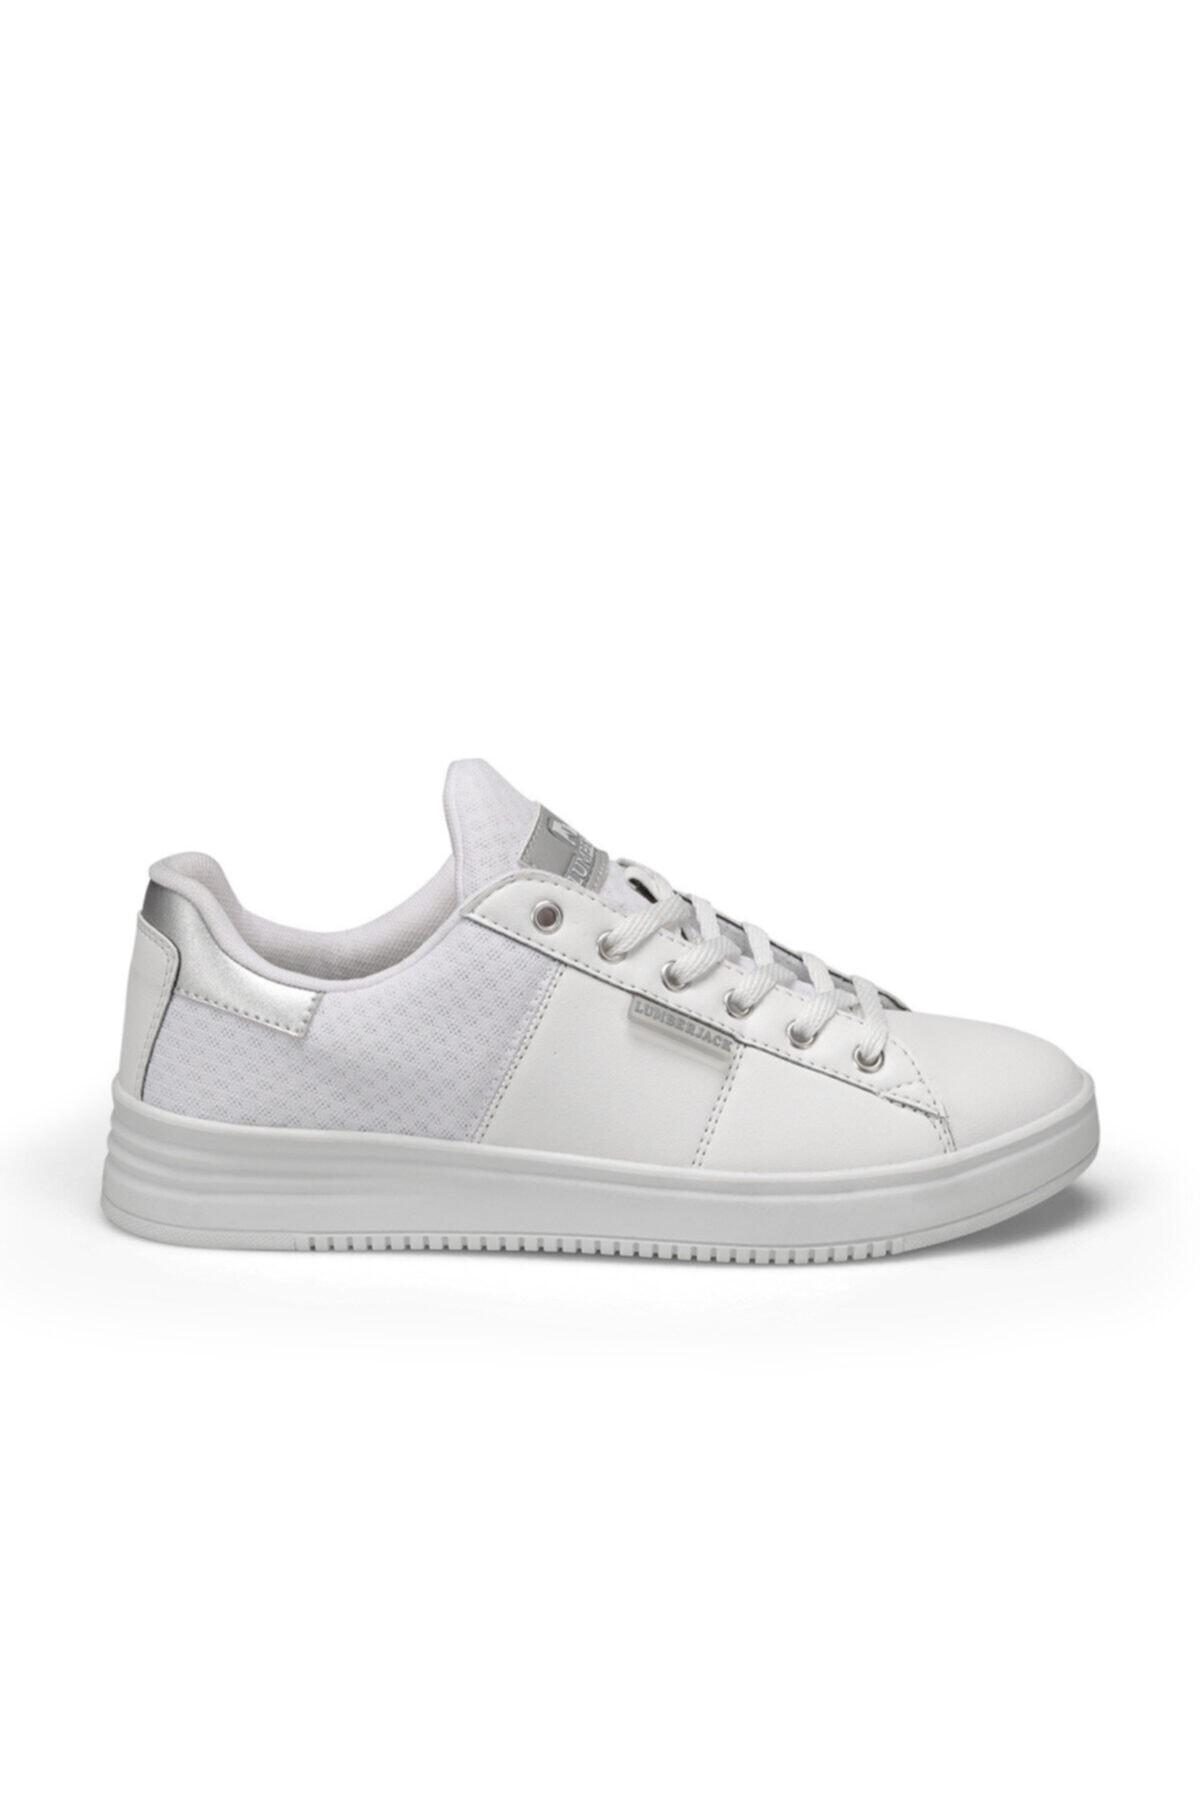 lumberjack Arya Beyaz Kadın Sneaker Ayakkabı 2